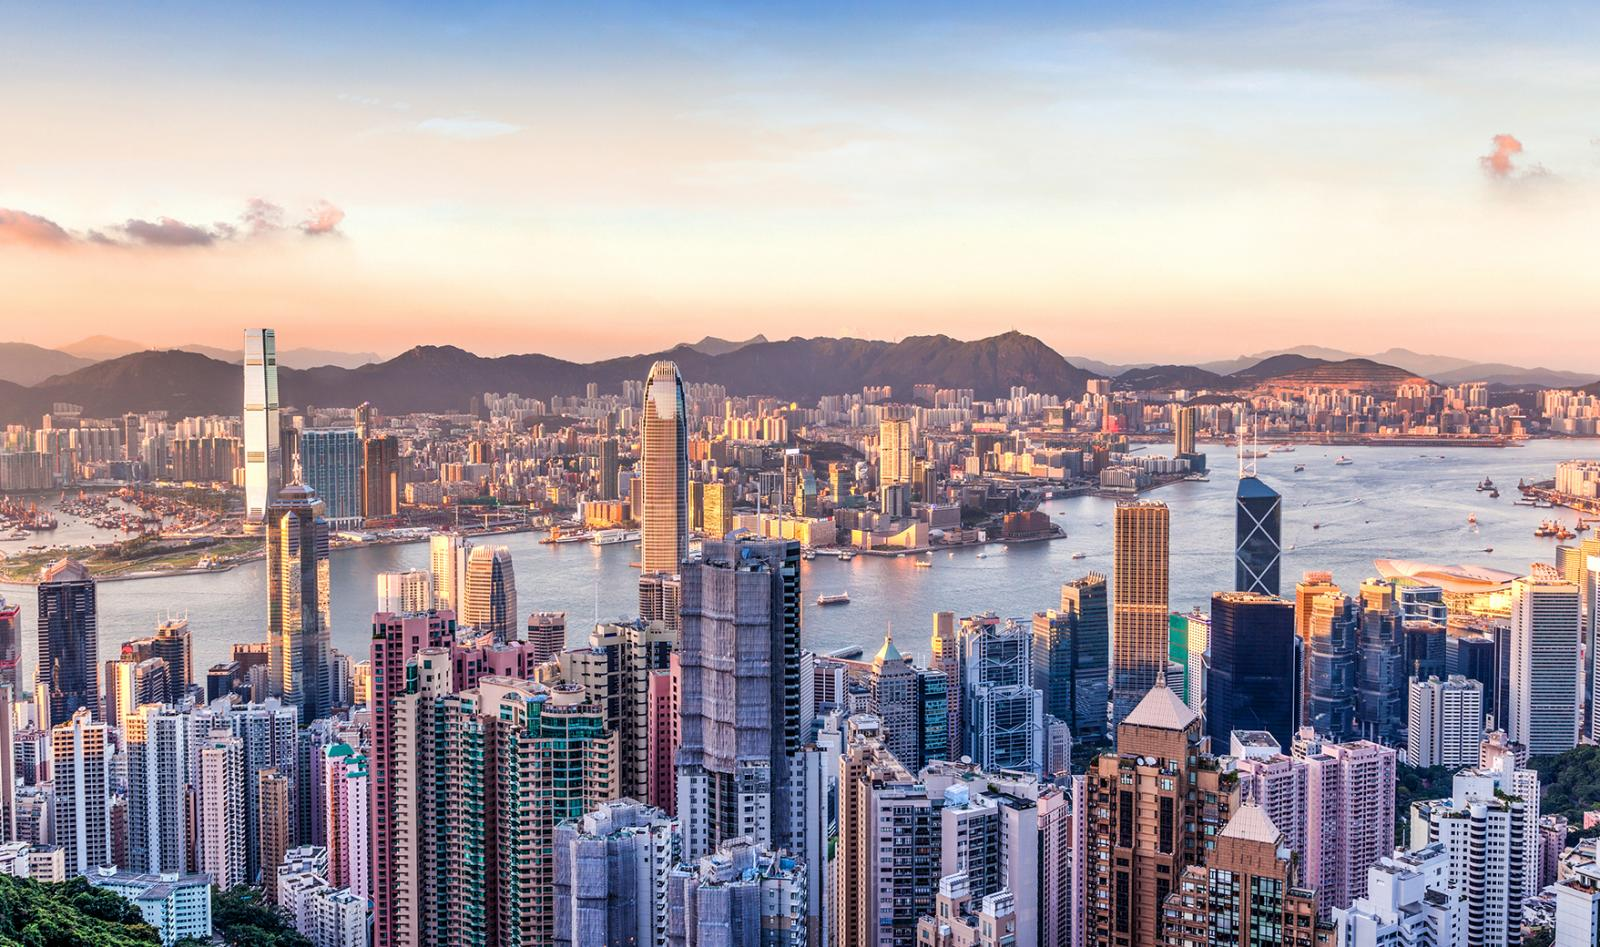 ТОП-10 мировых городов по числу проживающих миллиардеров. Гонконг